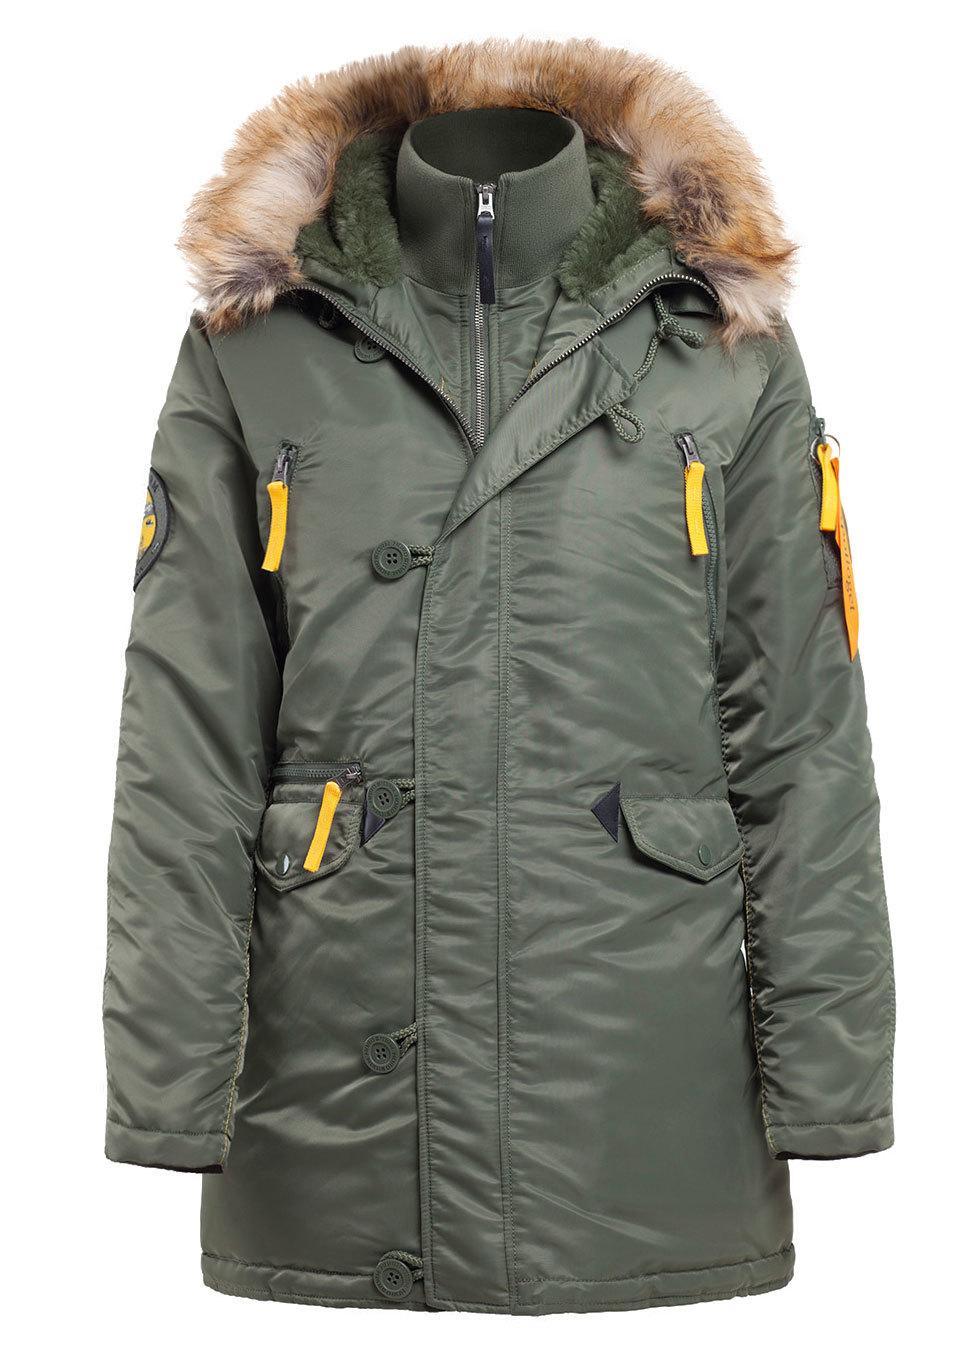 Куртка Аляска Женская - Apolloget Alaska Wmn (зеленая/желтая - s.green/yellow)